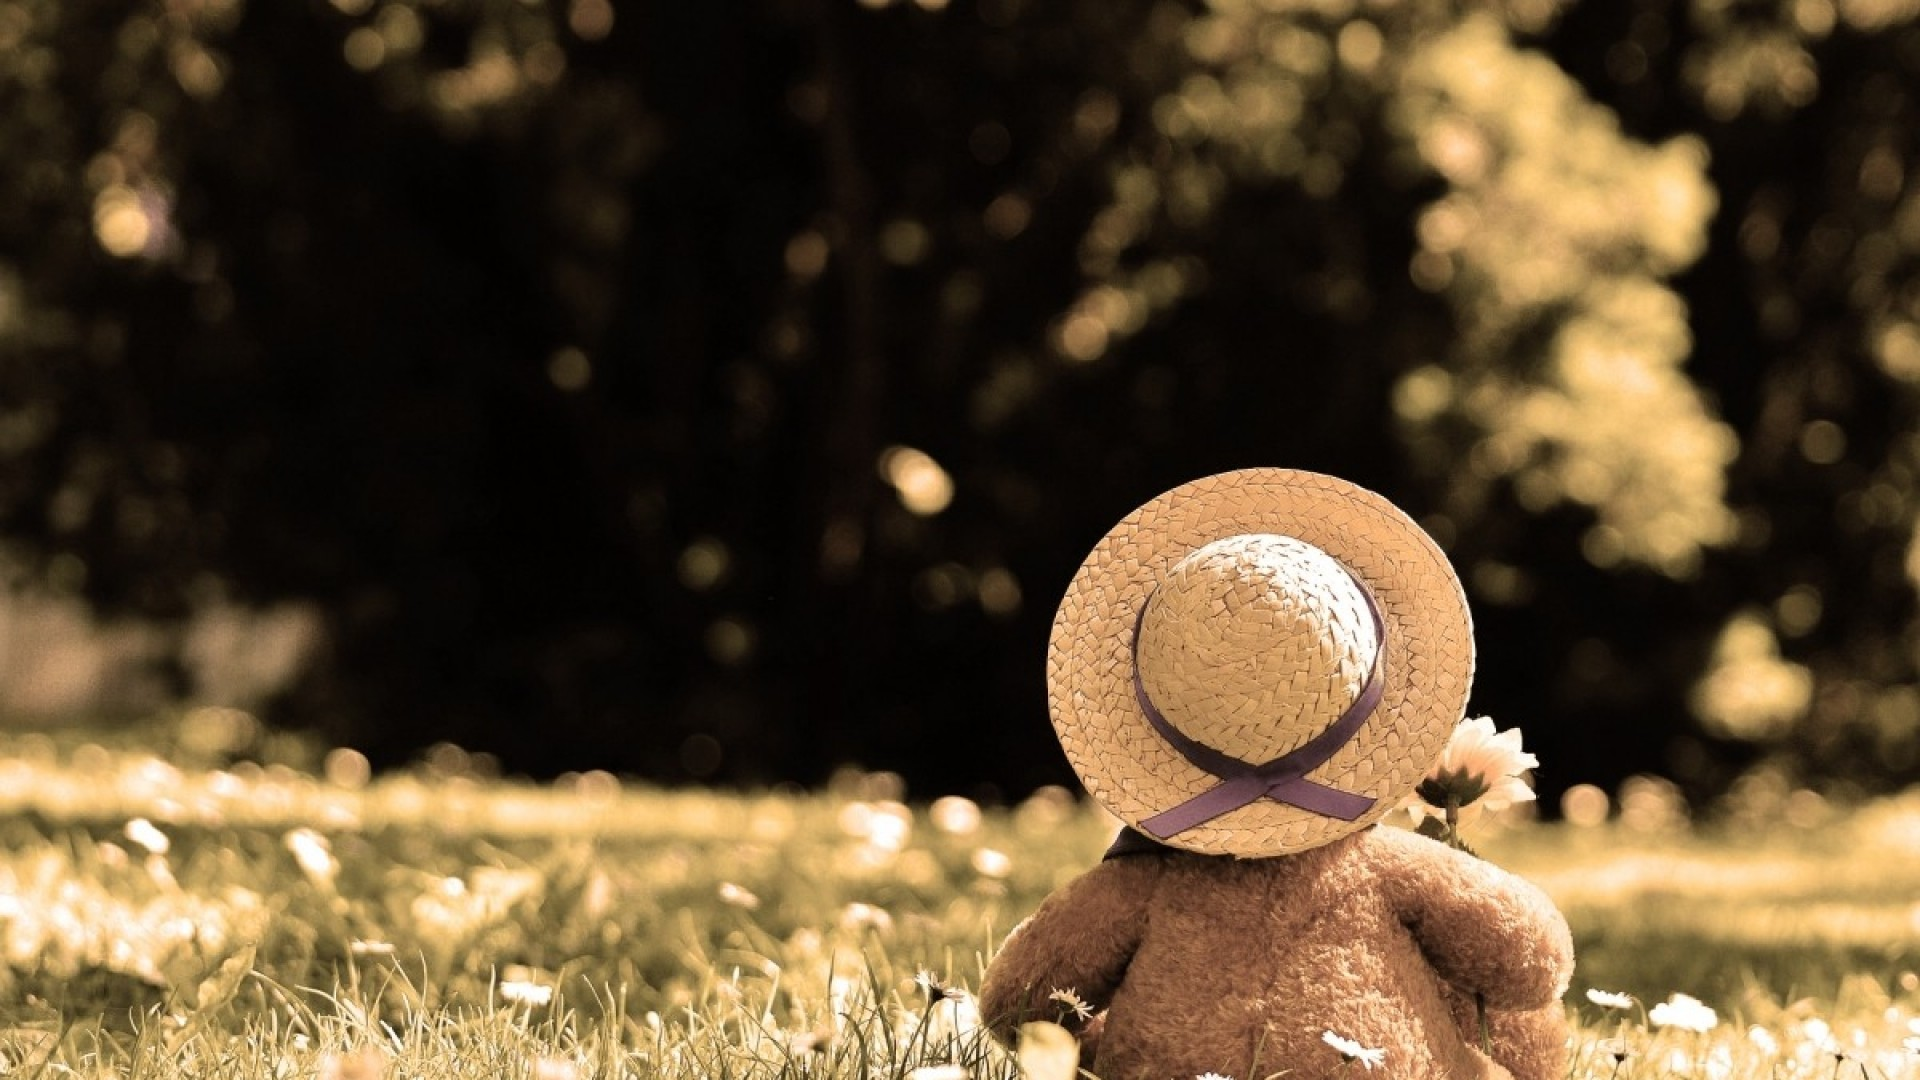 Куда уходит детская радость и откуда берется чувство неудовлетворенности?